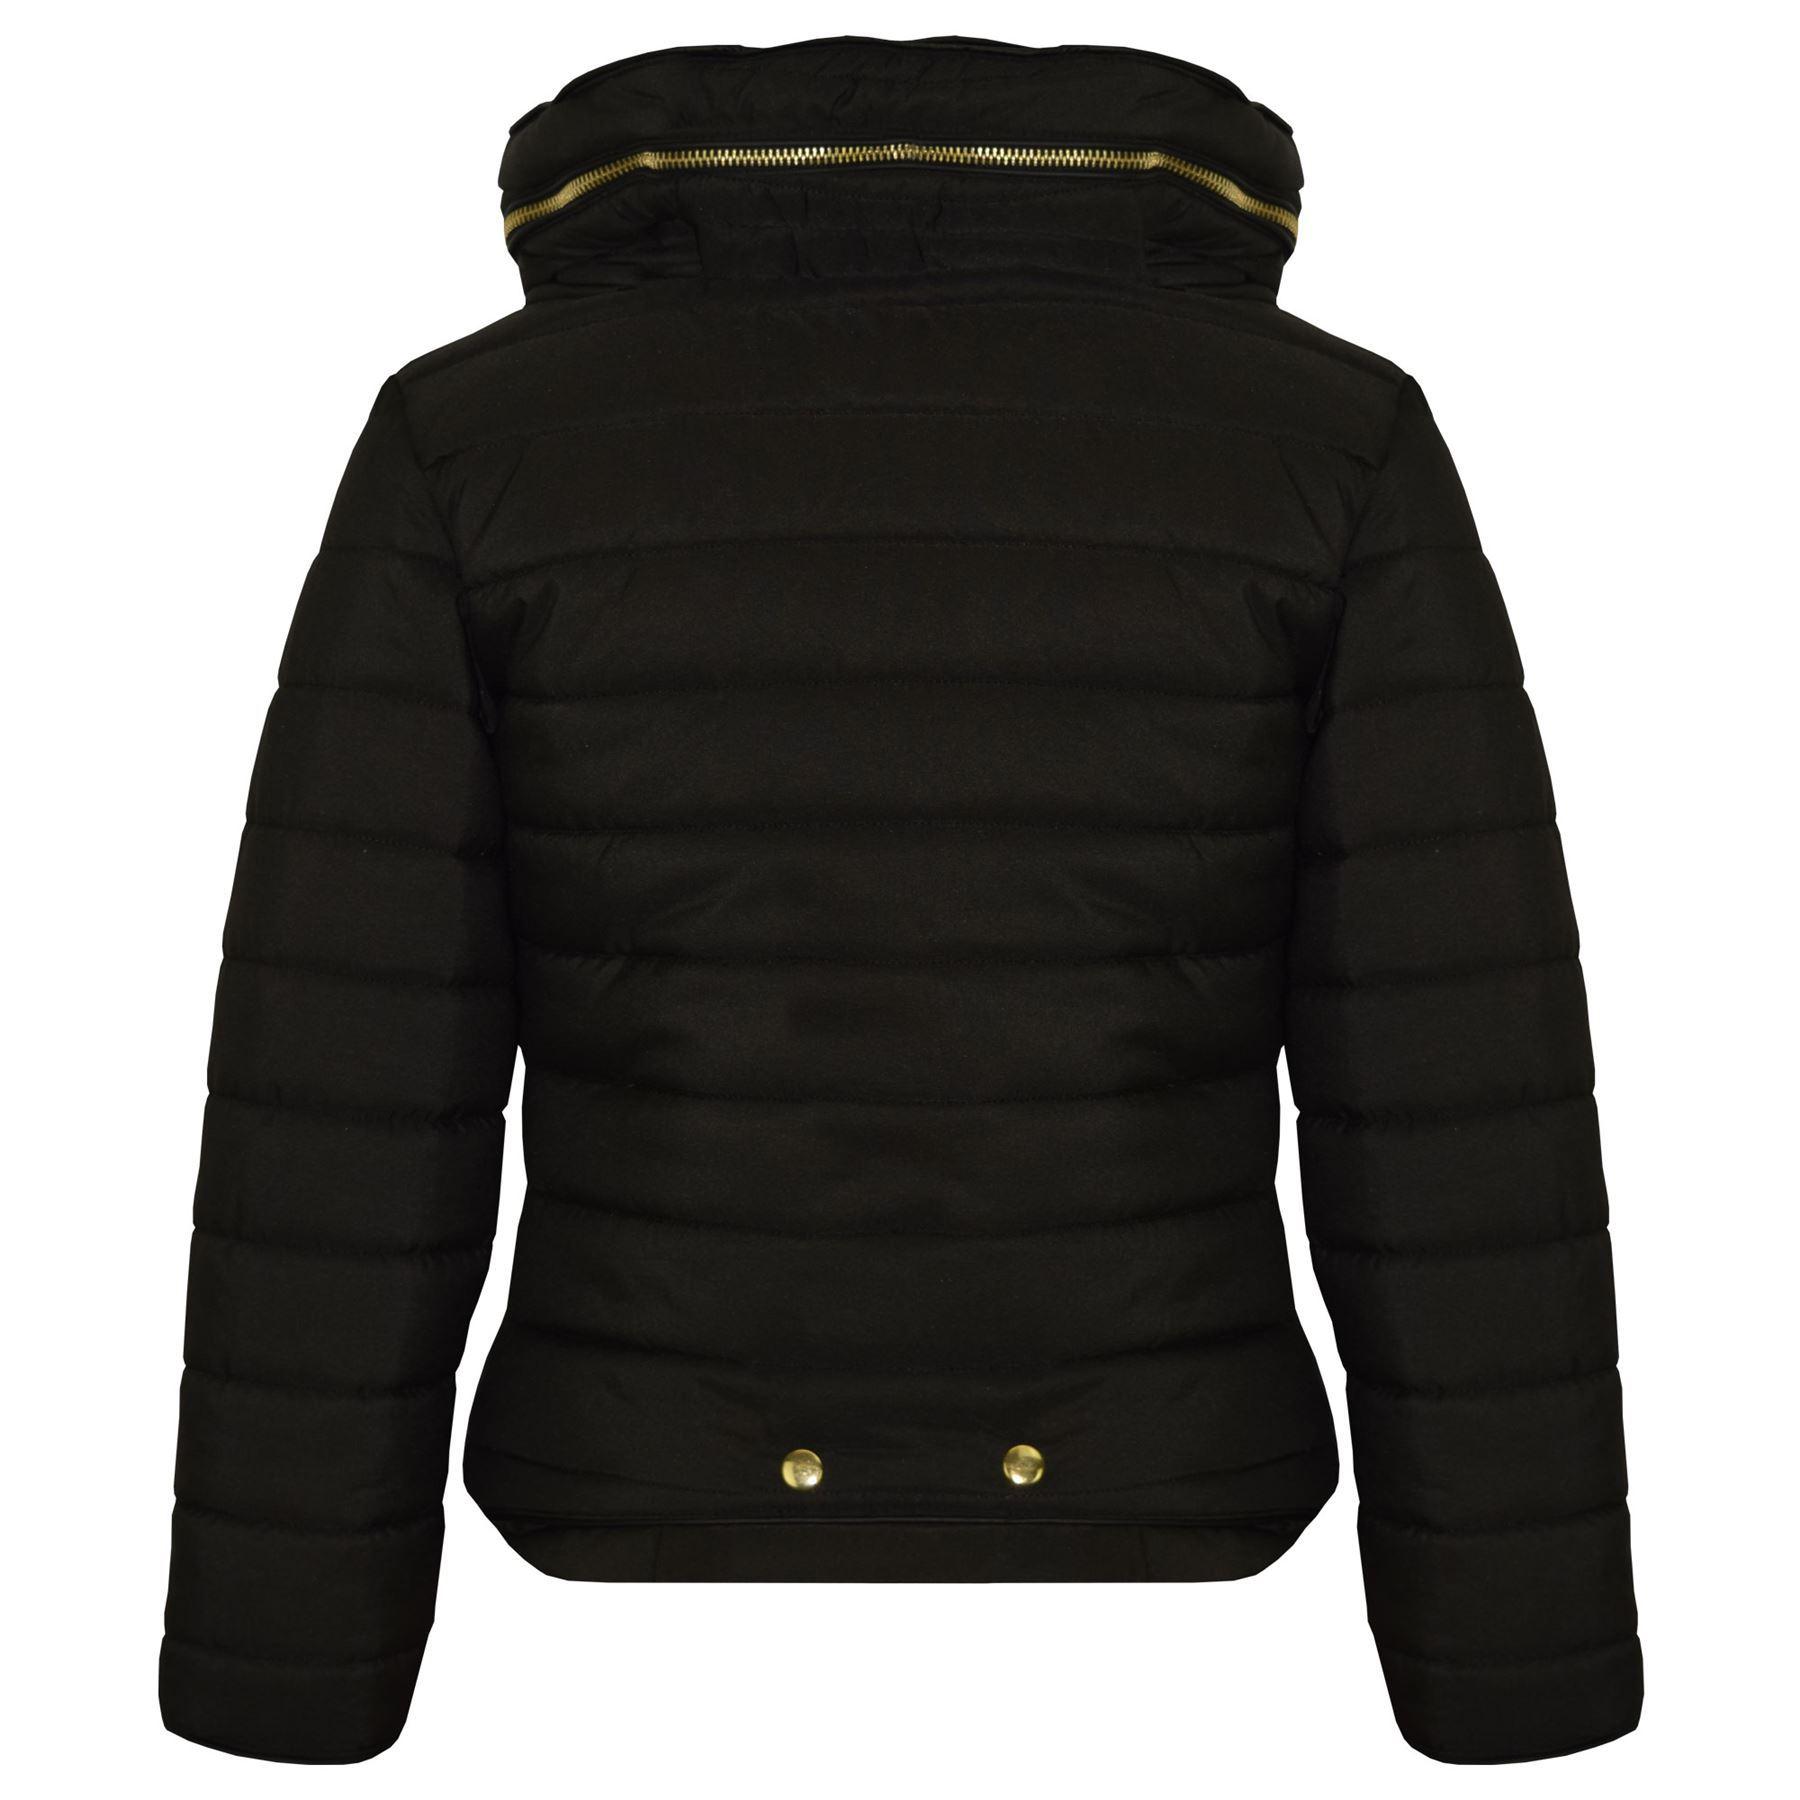 Ragazze Bambini Giacca nera imbottita a bolle puffer collo in pelliccia Back To School Cappotti 3-13